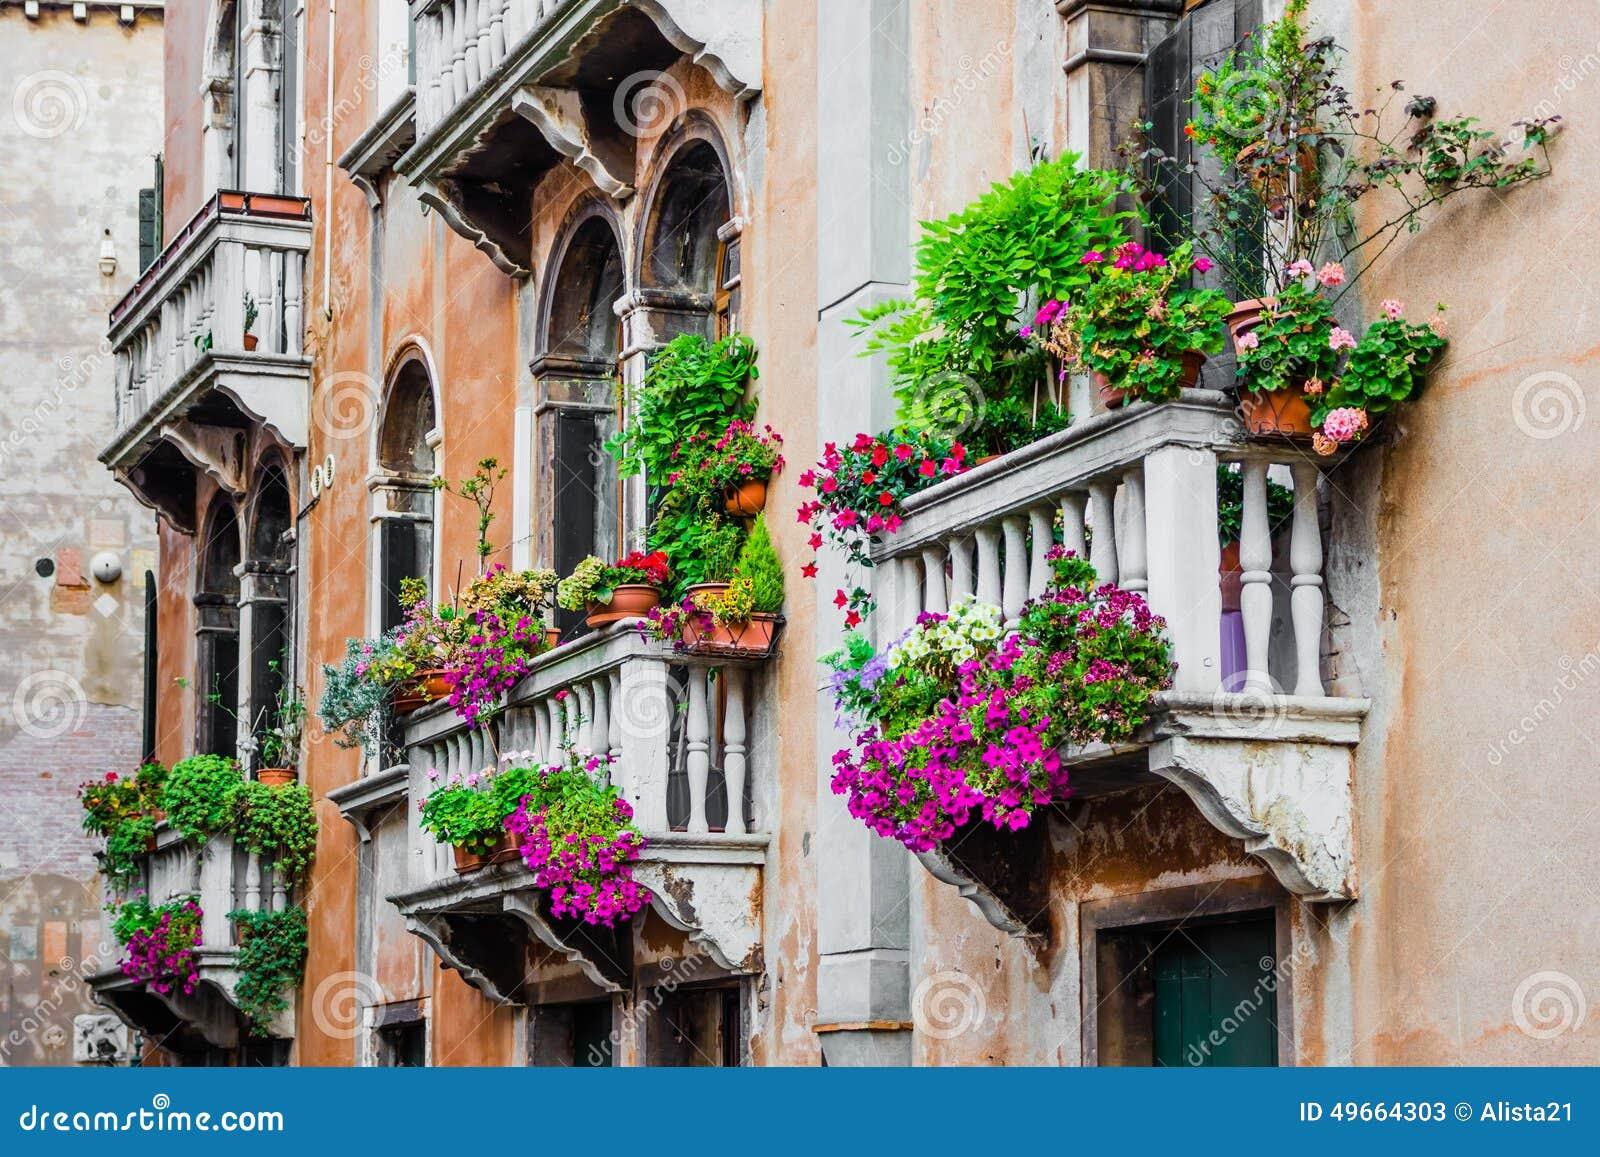 Los Balcones De La Casa Residencial En Venecia Adornaron Con Las - Fotos-de-balcones-con-flores